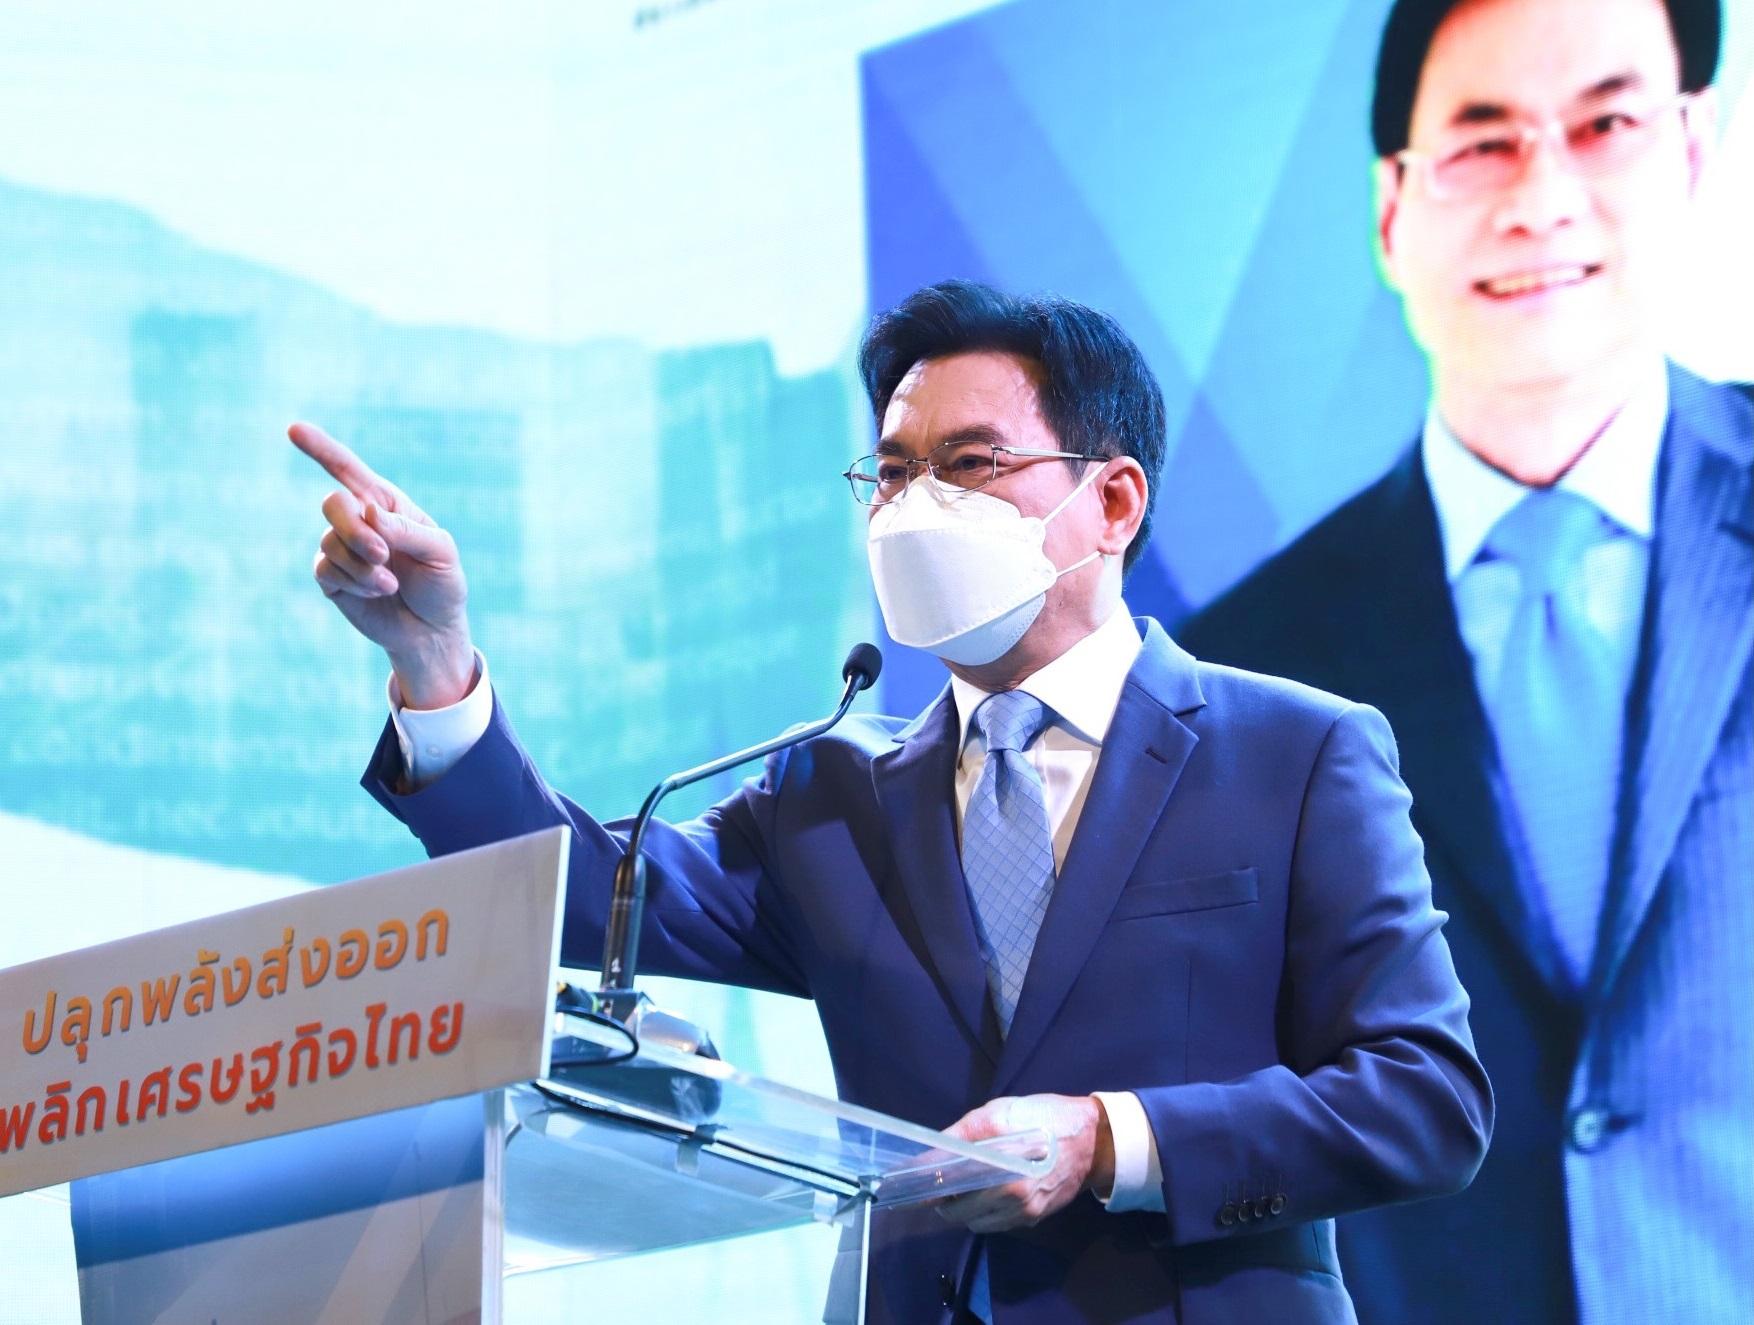 จุรินทร์ มั่นใจส่งออกความหวังขับเคลื่อนเศรษฐกิจไทยฝ่าโควิดถึงปี 65 – เศรษฐกิจ